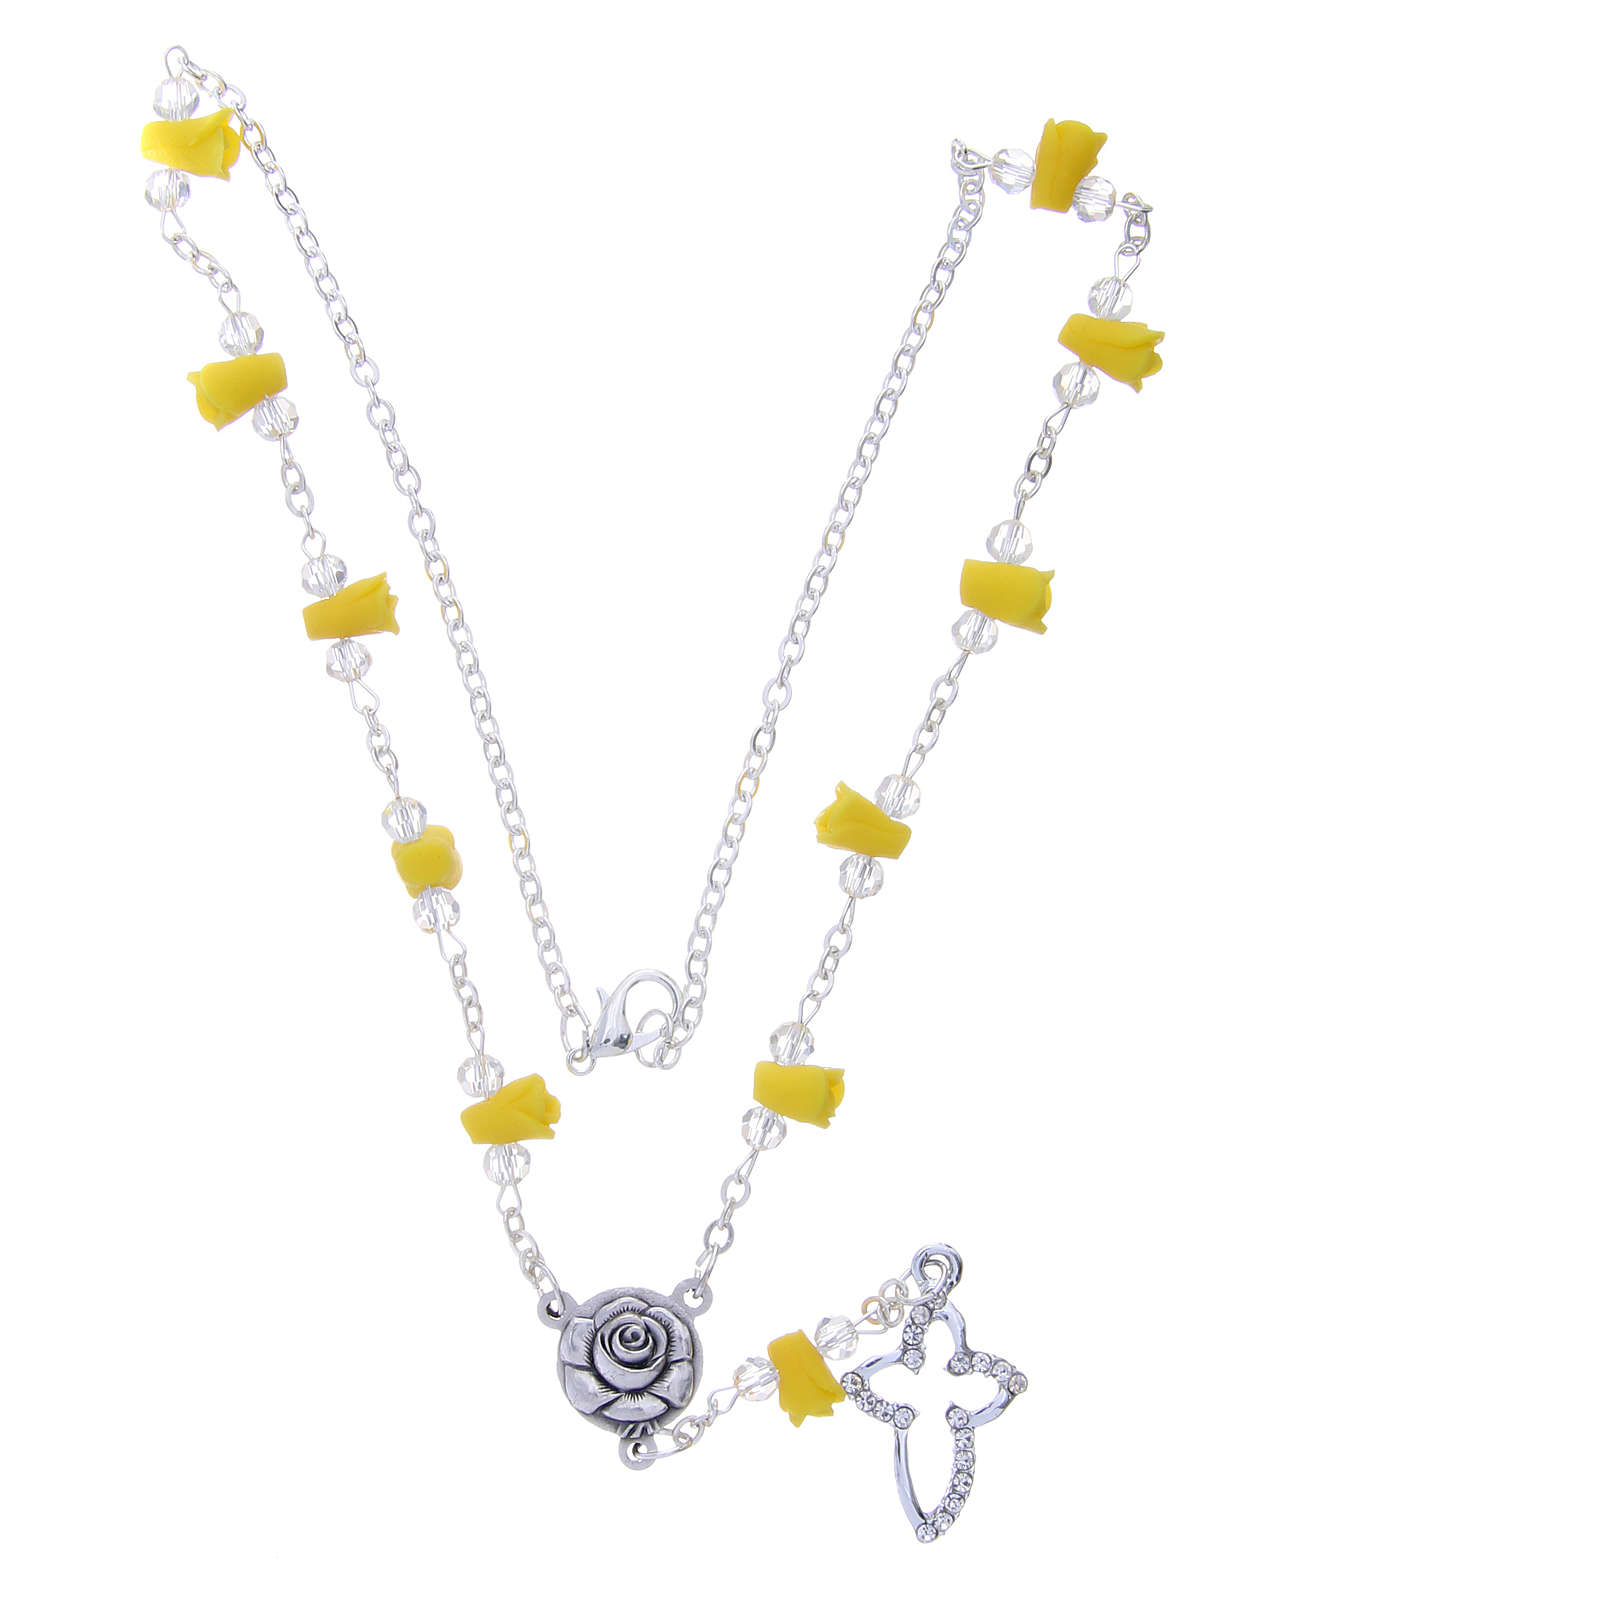 Collier chapelet Medjugorje jaune roses céramique croix avec cristaux 4